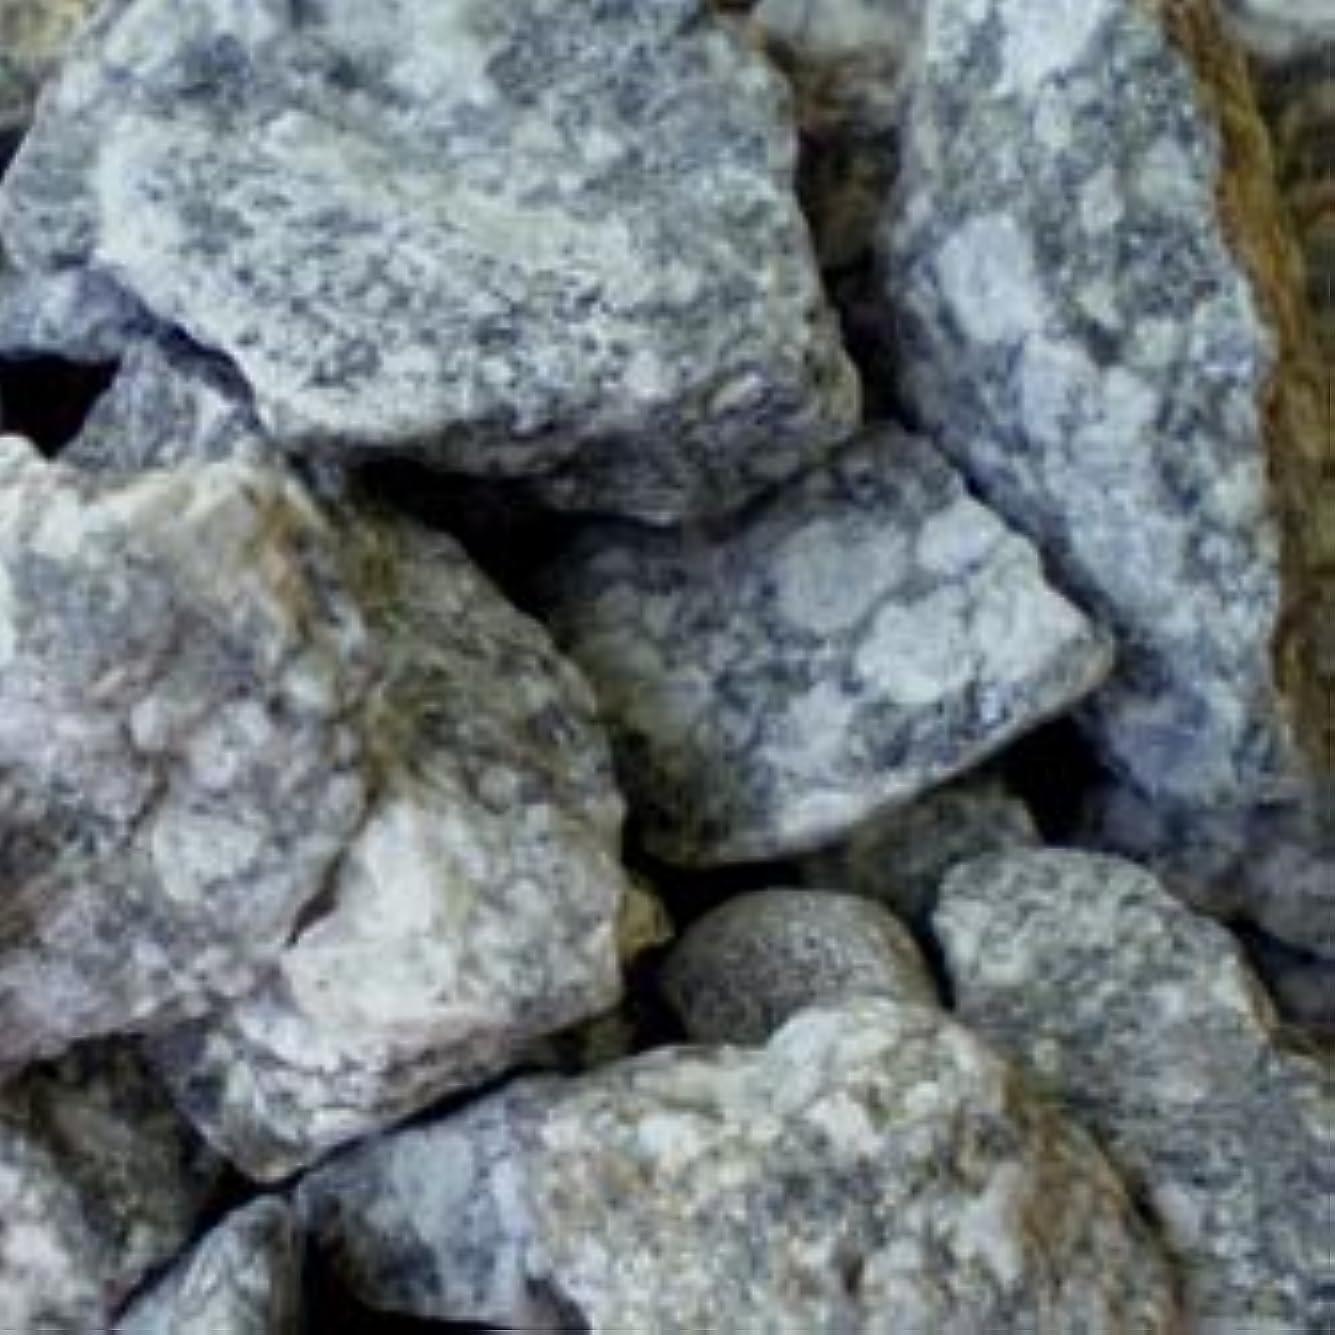 工業化する危険を冒します新着麦飯石 原石 2000g(サイズ10-30mm) (1000g/2袋セット)